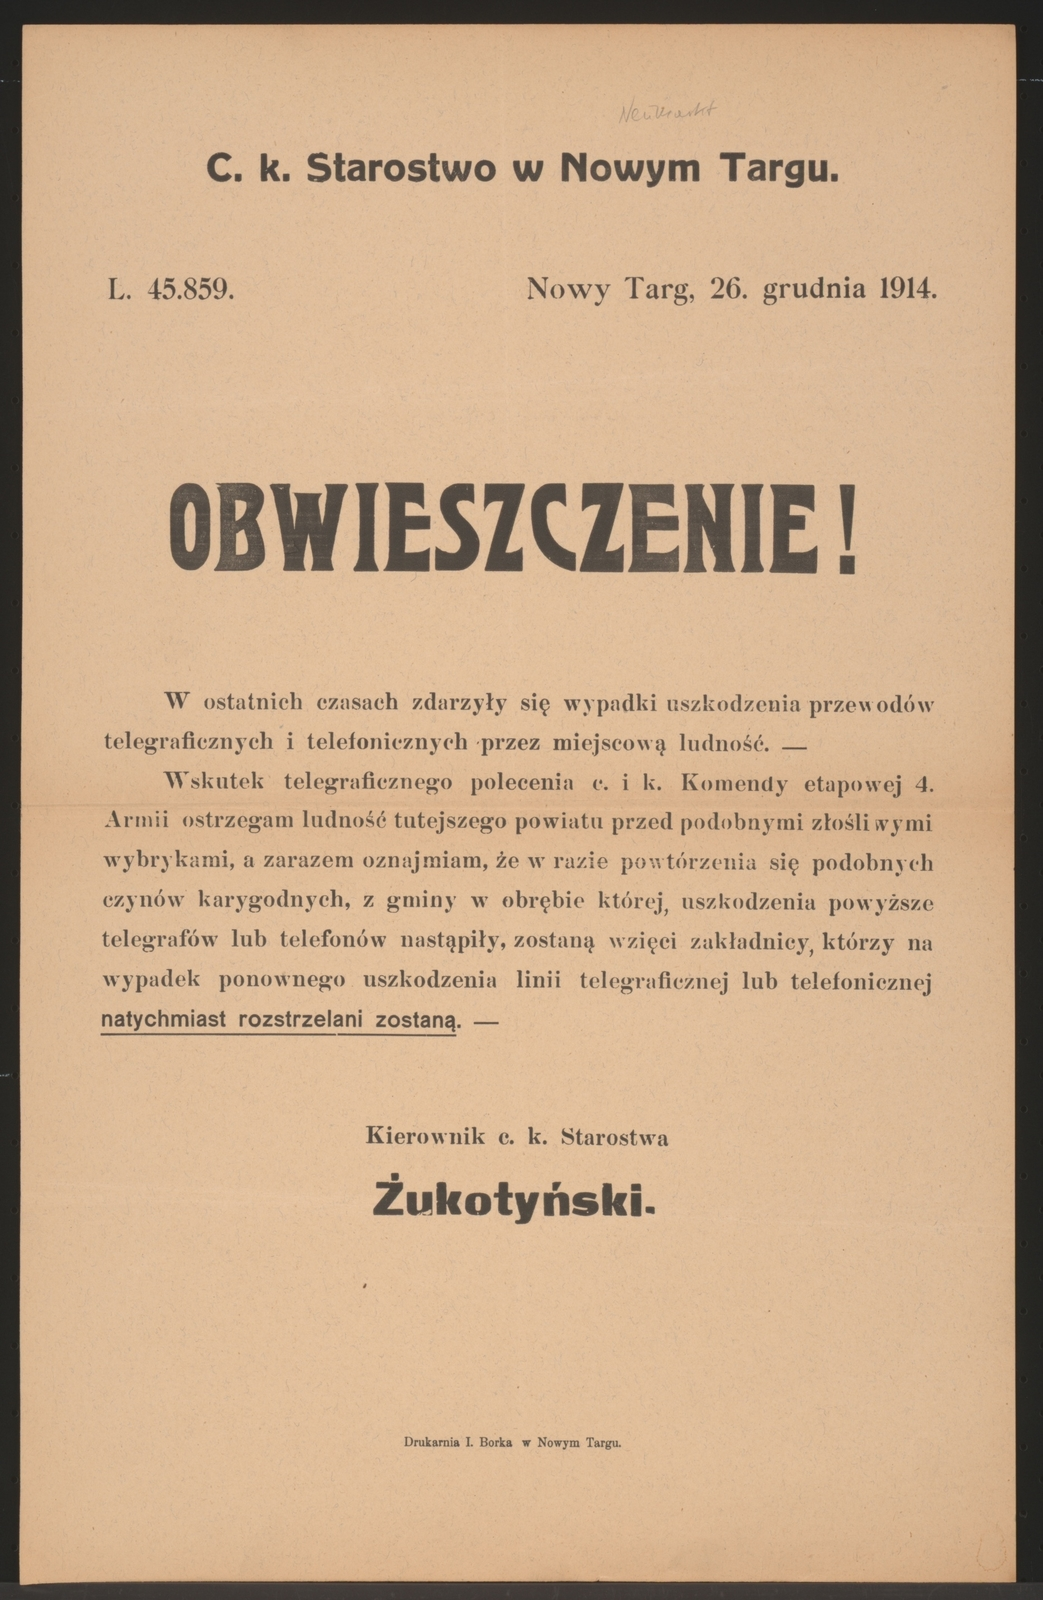 Telefonleitungen Kundmachung Neumarkt In Polnischer Sprache